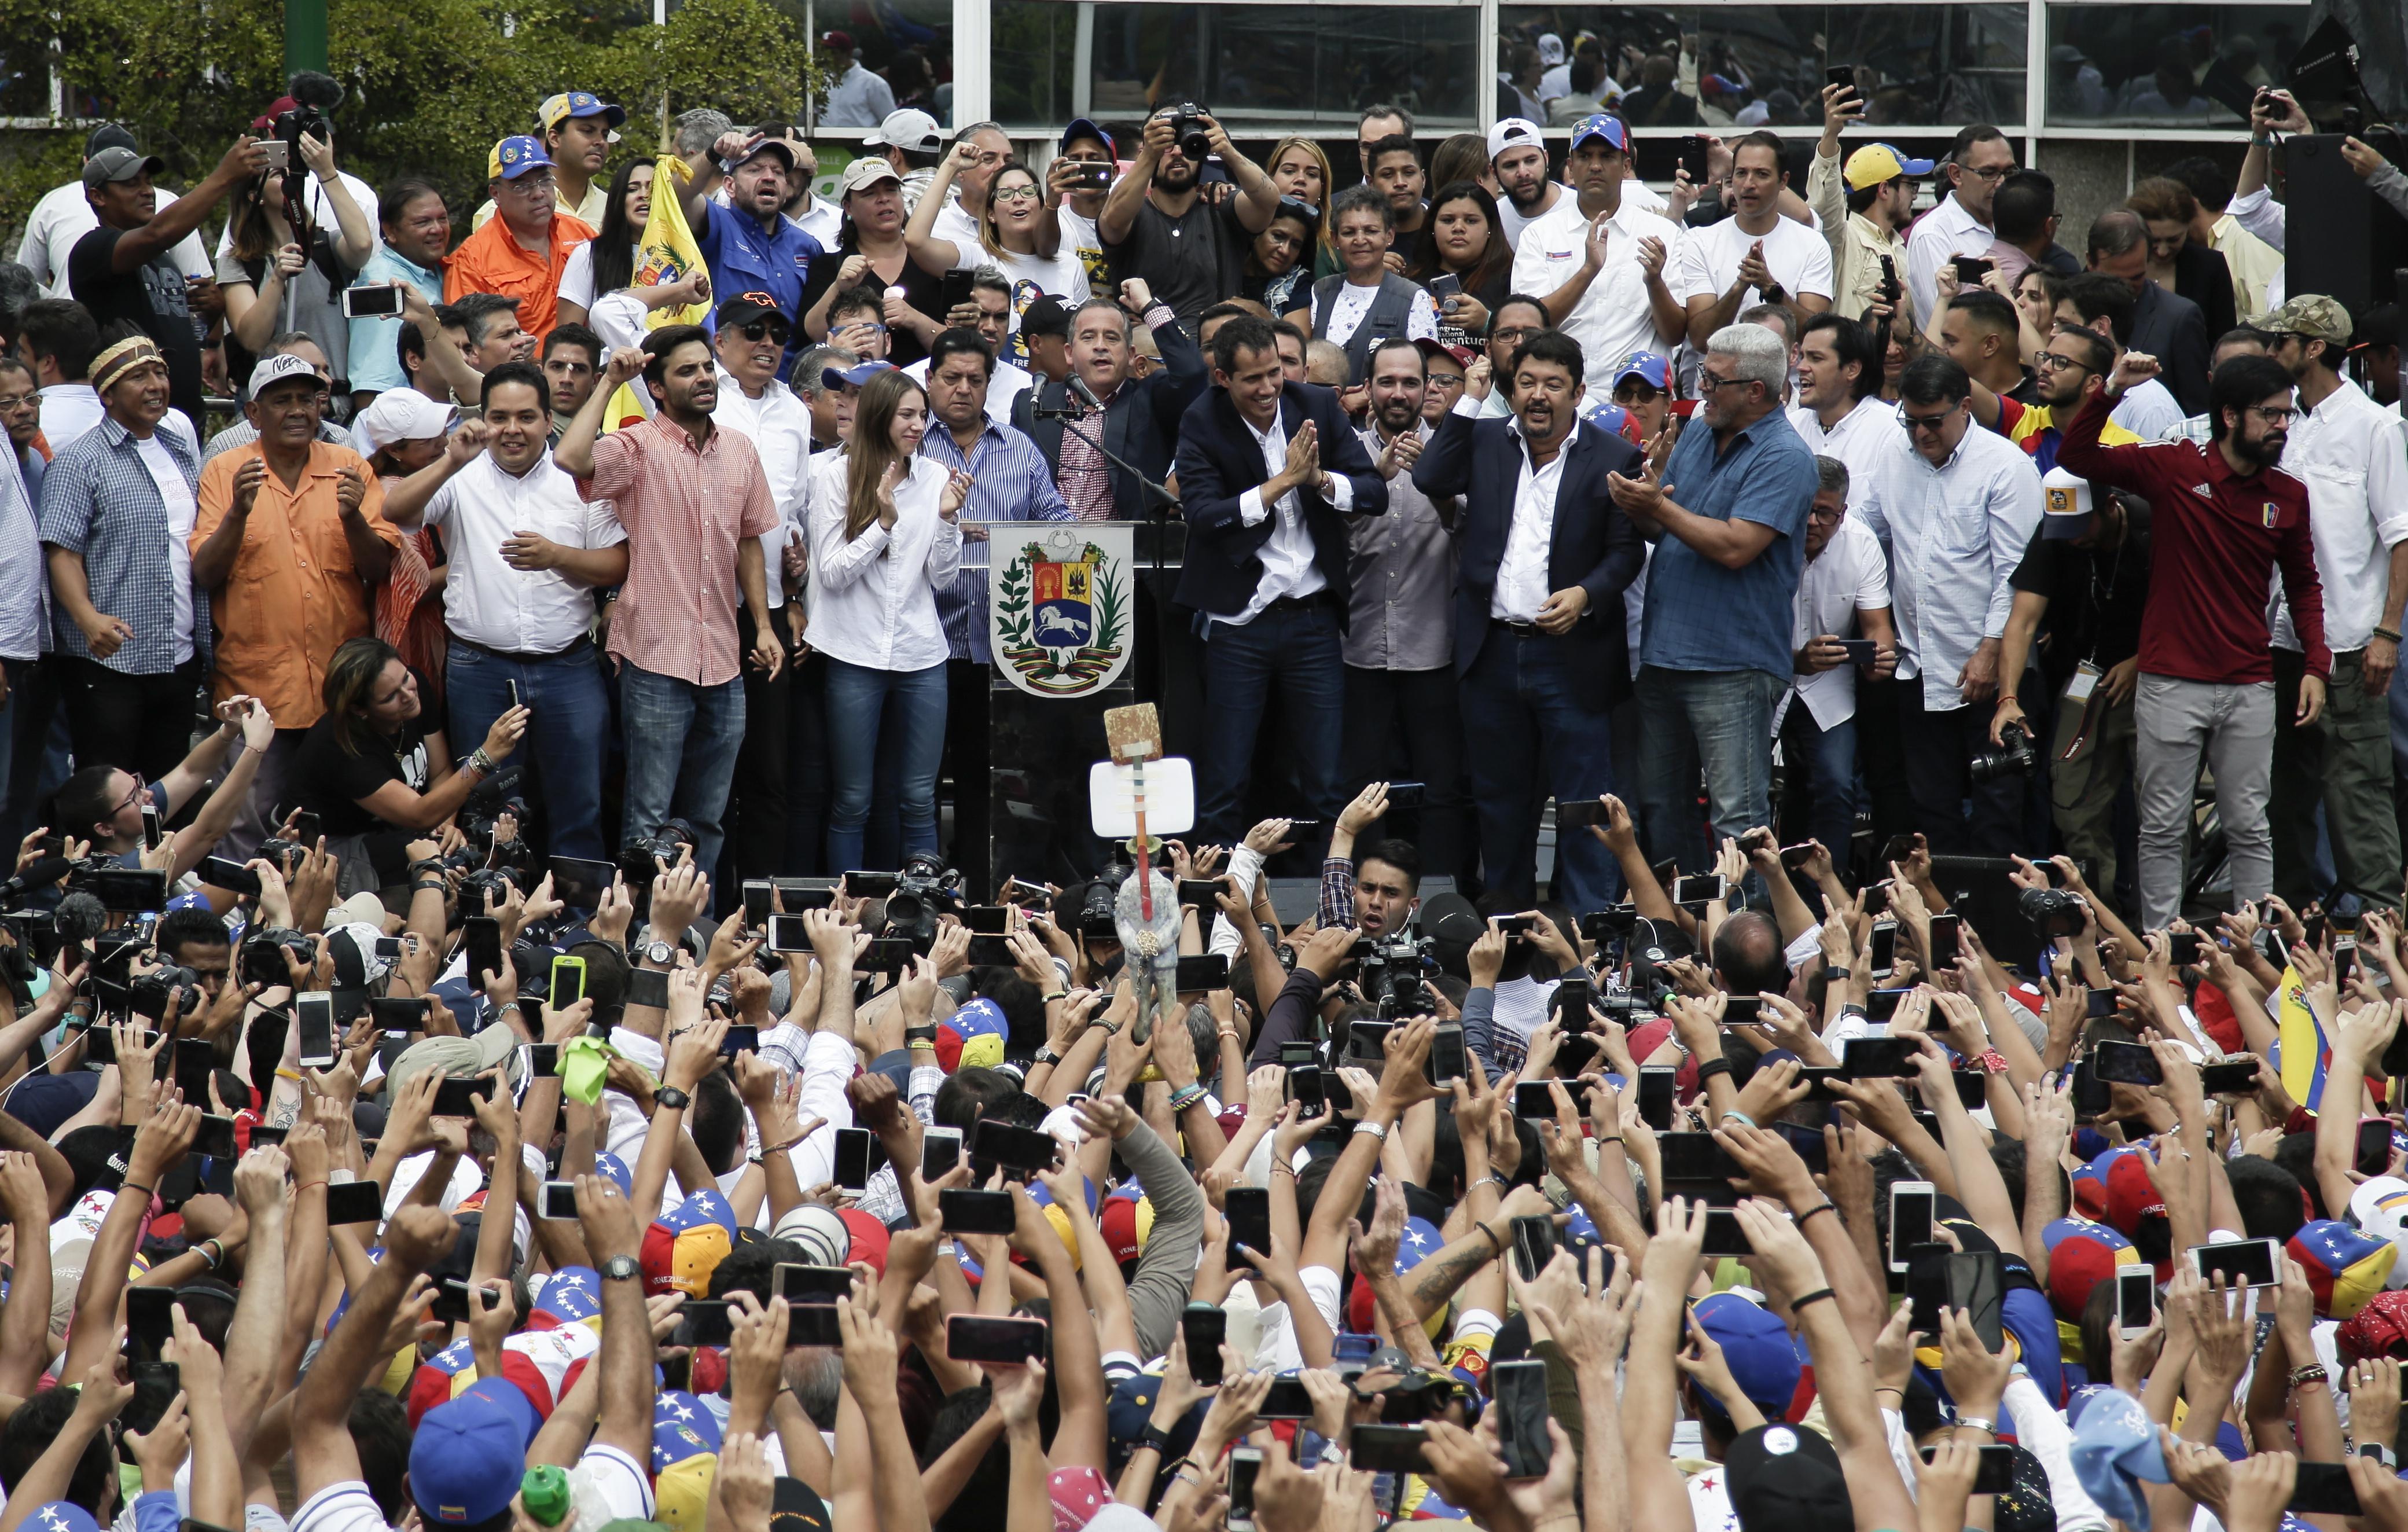 epestrepse-sti-venezoyela-o-gkoyaido-amp-8211-kalei-se-nees-diadiloseis-to-savvato-fotografies0